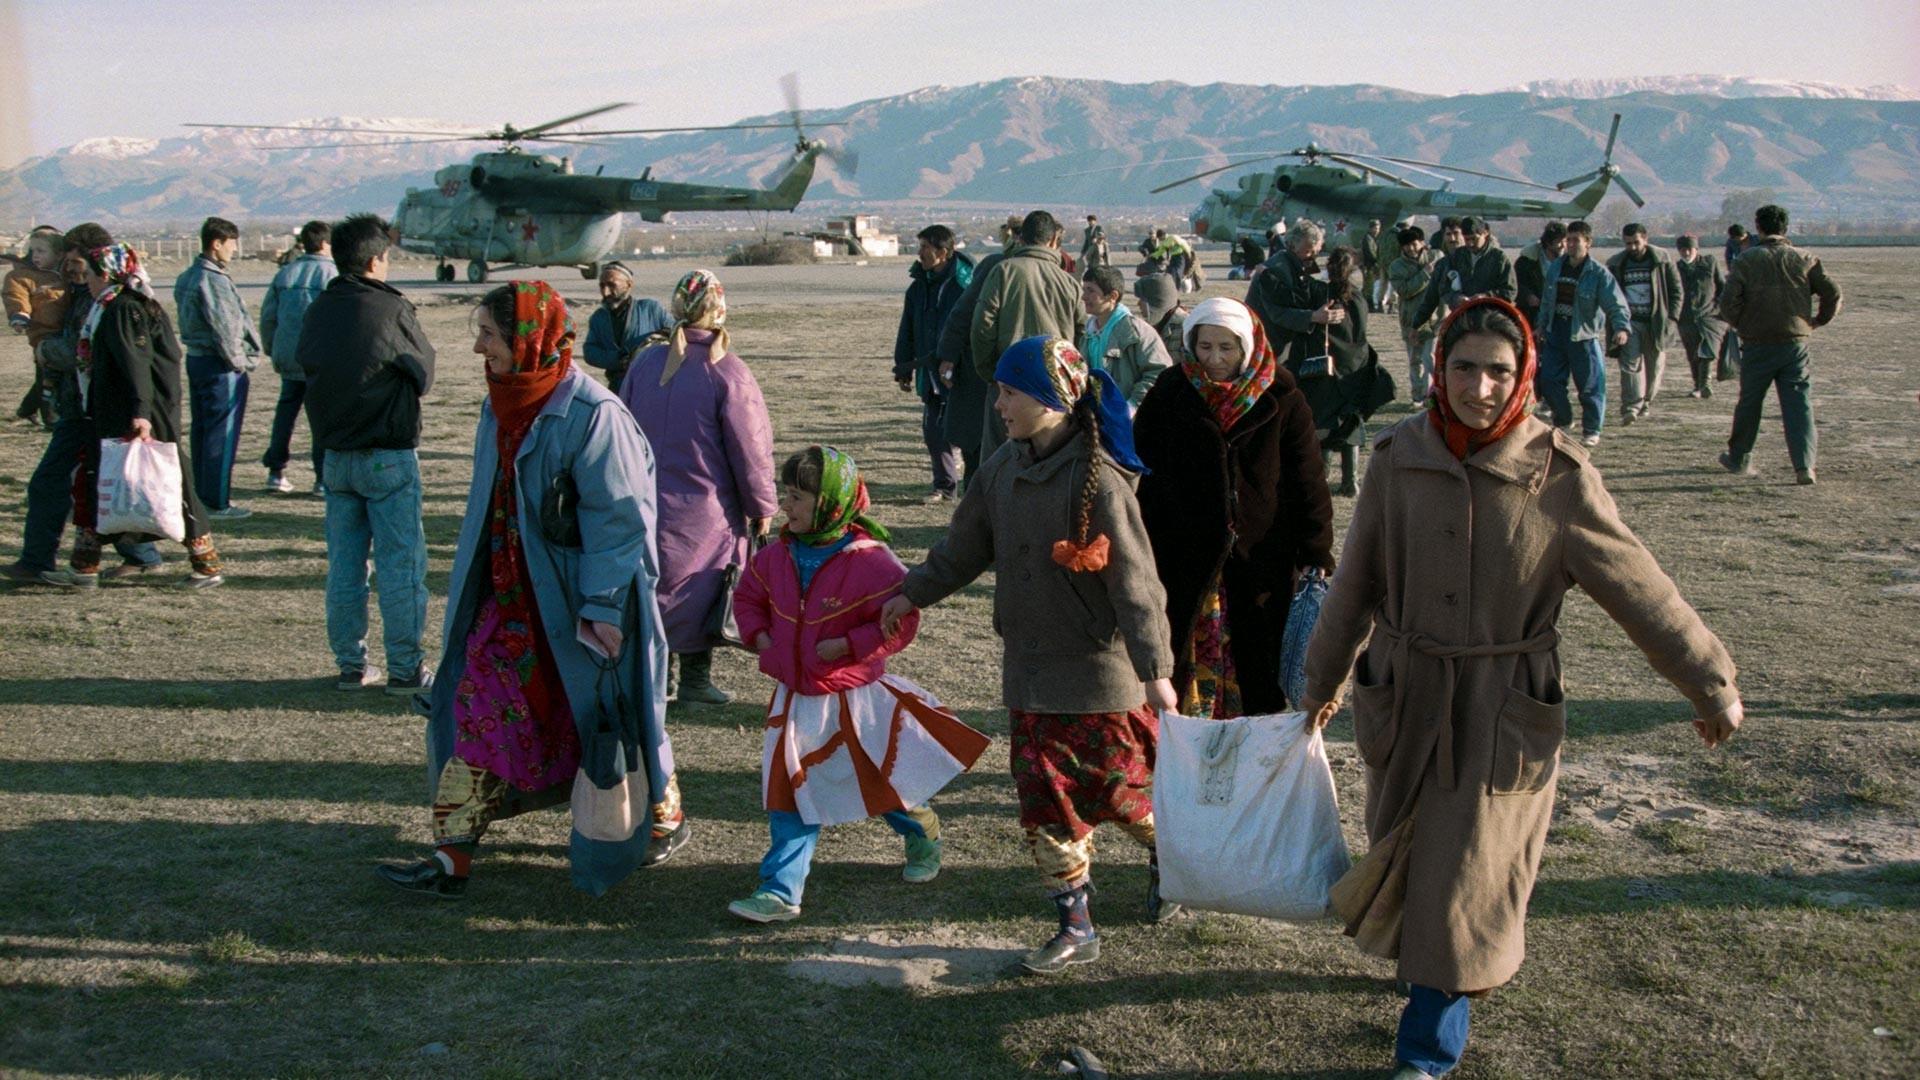 Les forces de maintien de la paix de la coalition assurent la livraison de nourriture par hélicoptère aux régions affamées du Pamir